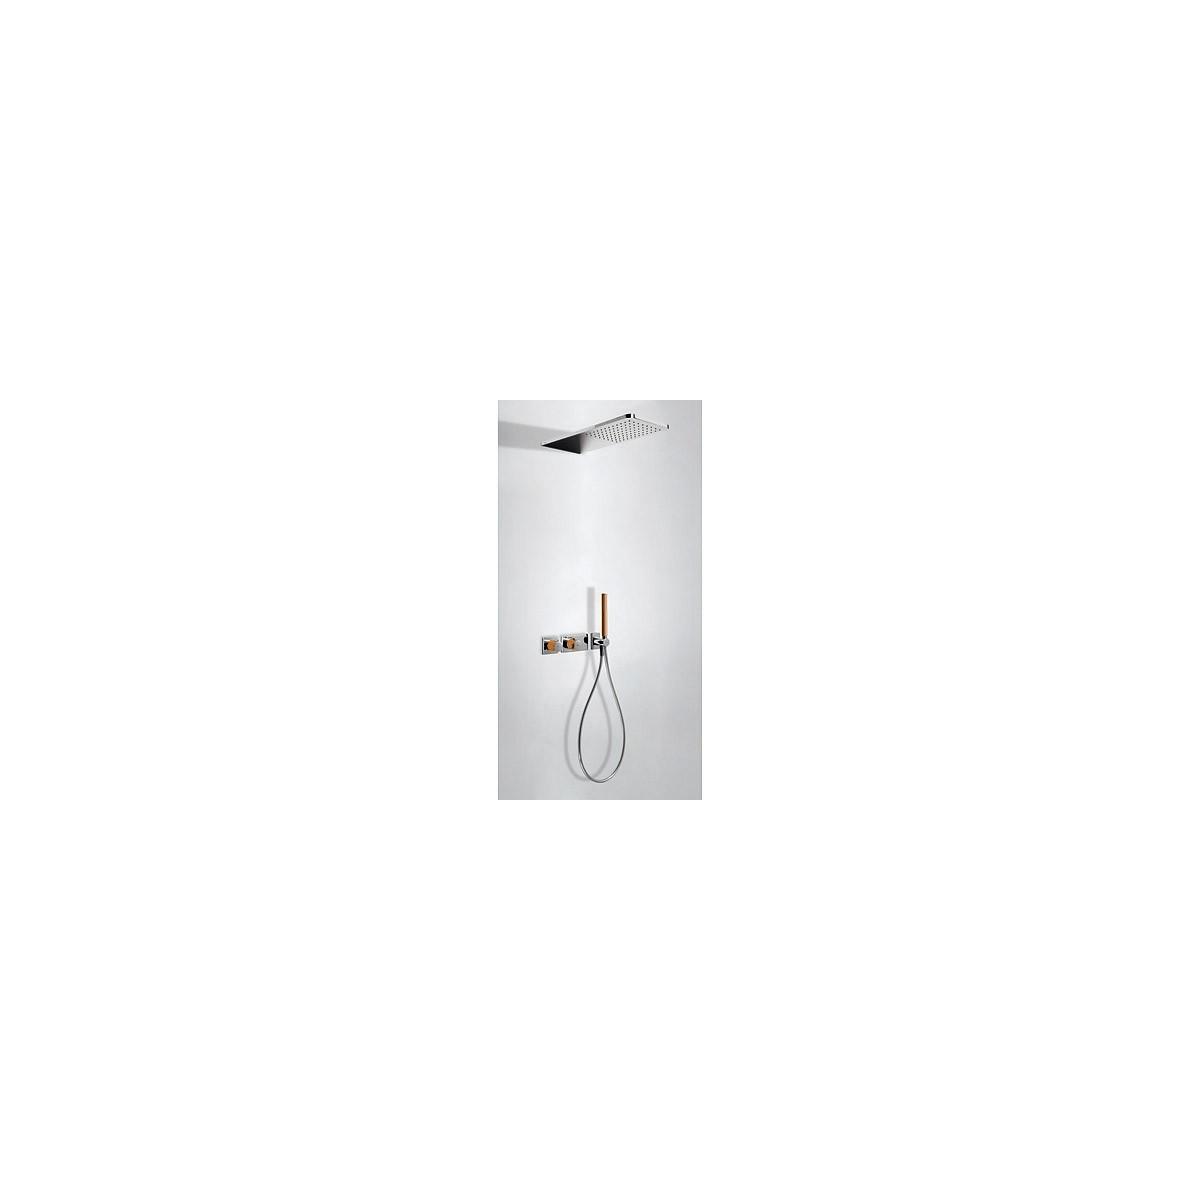 Conjunto ducha empotrado termostático 2 vías